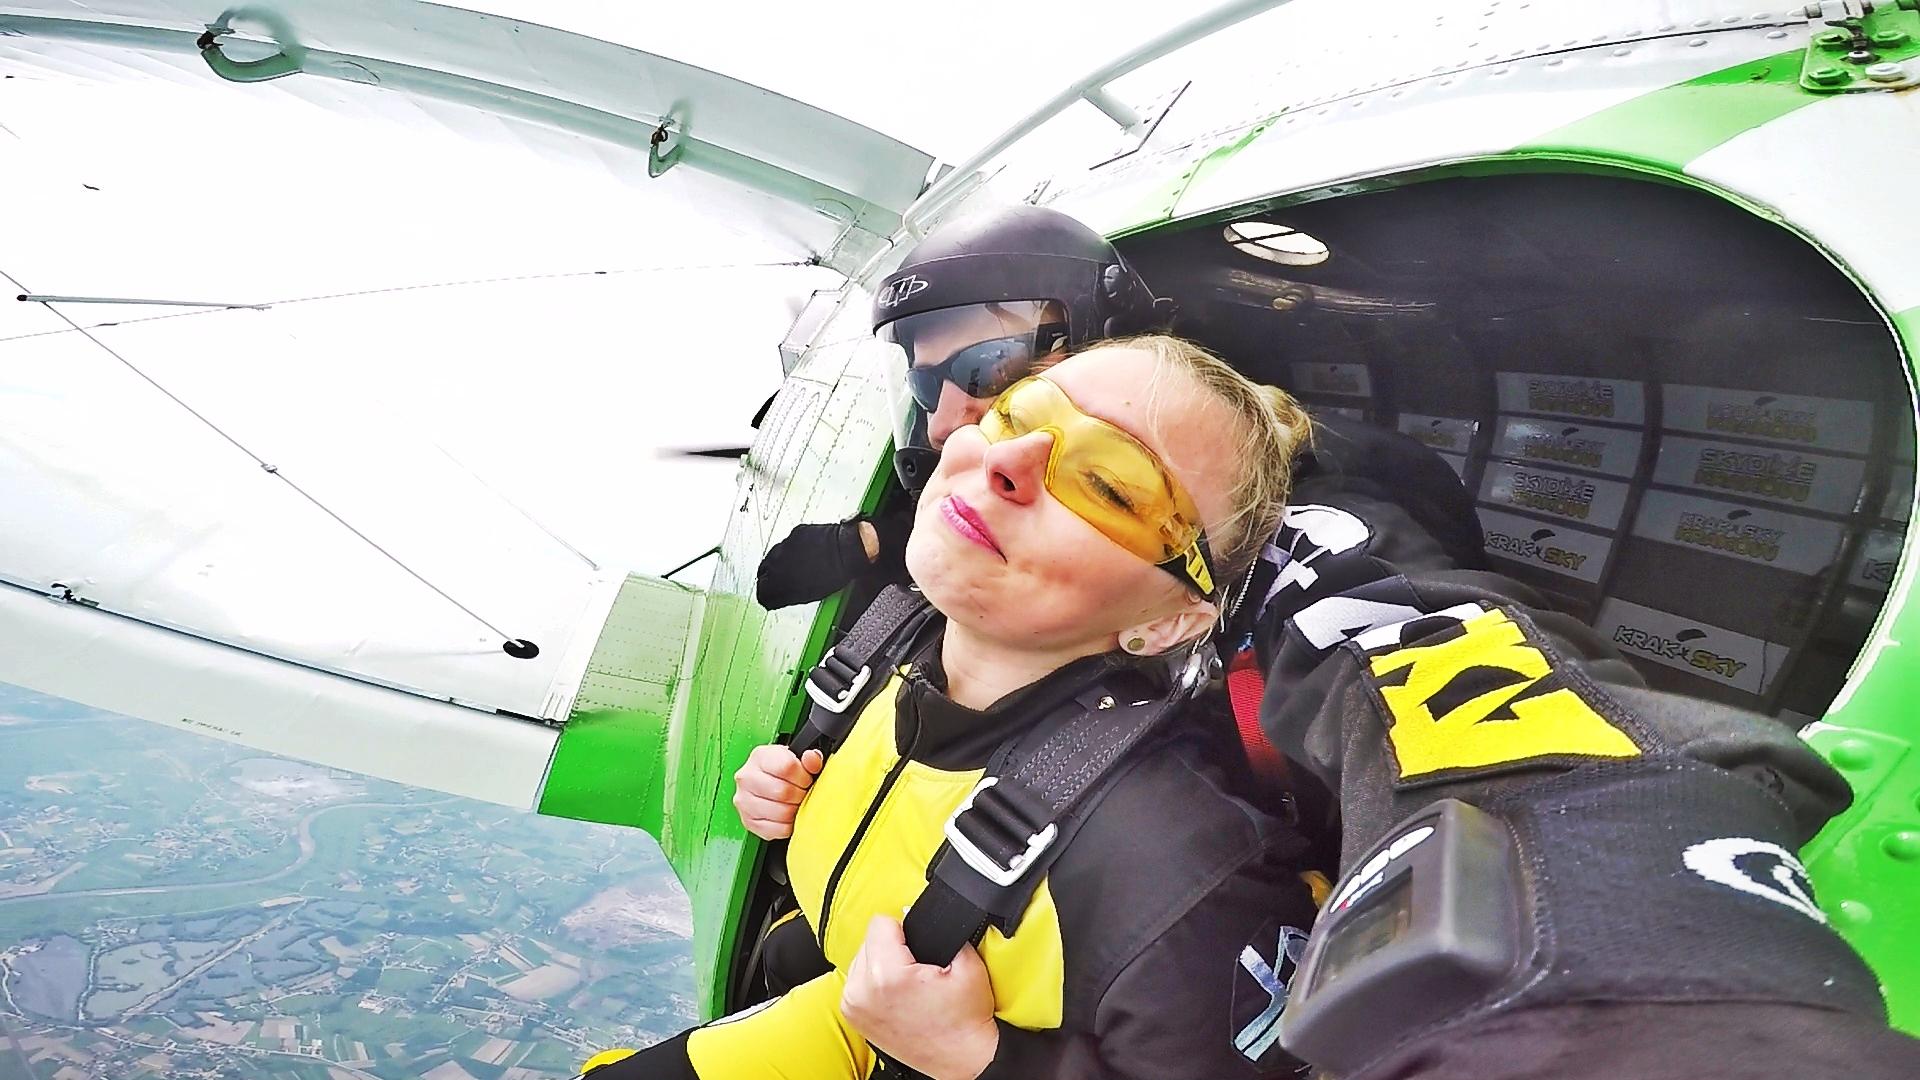 skoki spadochronowe kraków kraksy 12